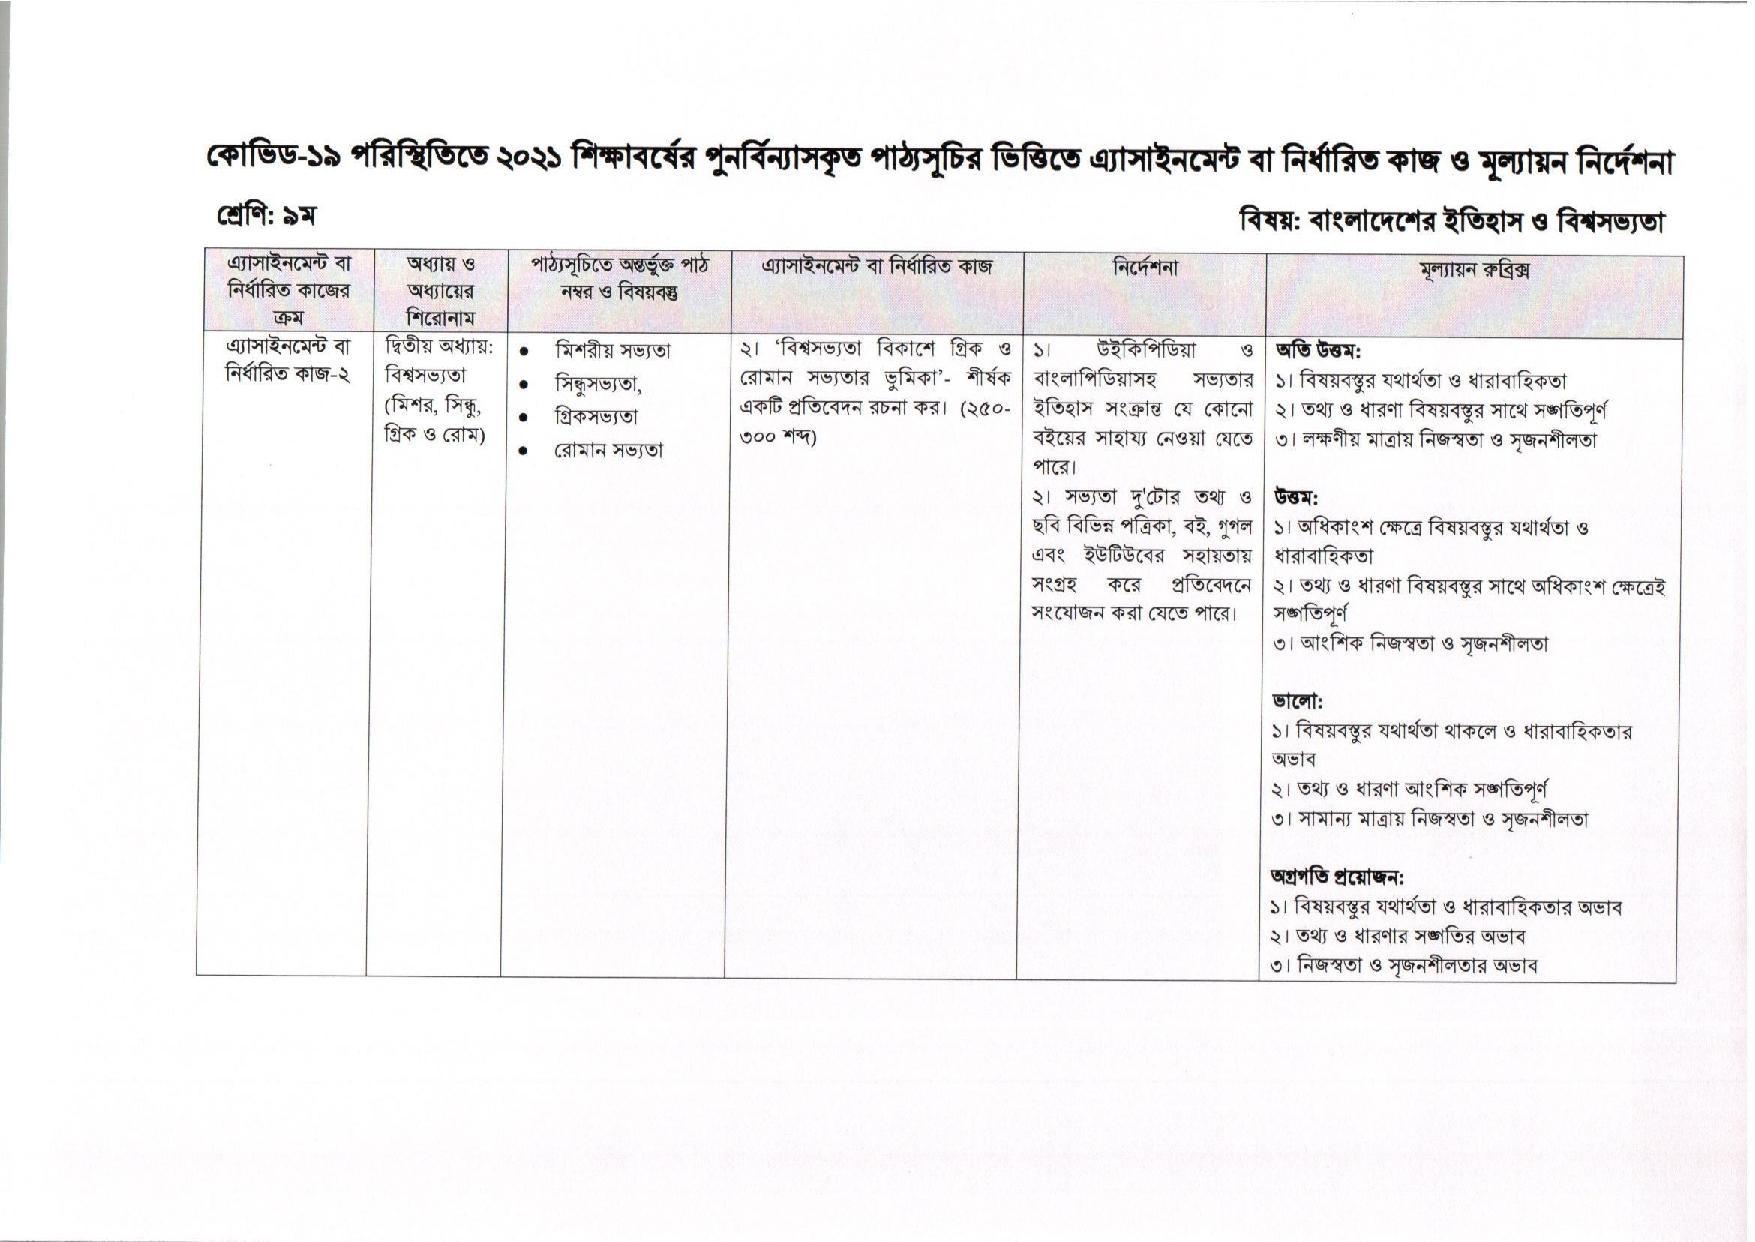 ২০২১ সালের মাধ্যমিক ৬ষ্ঠ থেকে ৯ম এ্যাসাইনমেন্ট ৯ম সপ্তাহের প্রকাশhttps://www.banglanewsexpress.com/